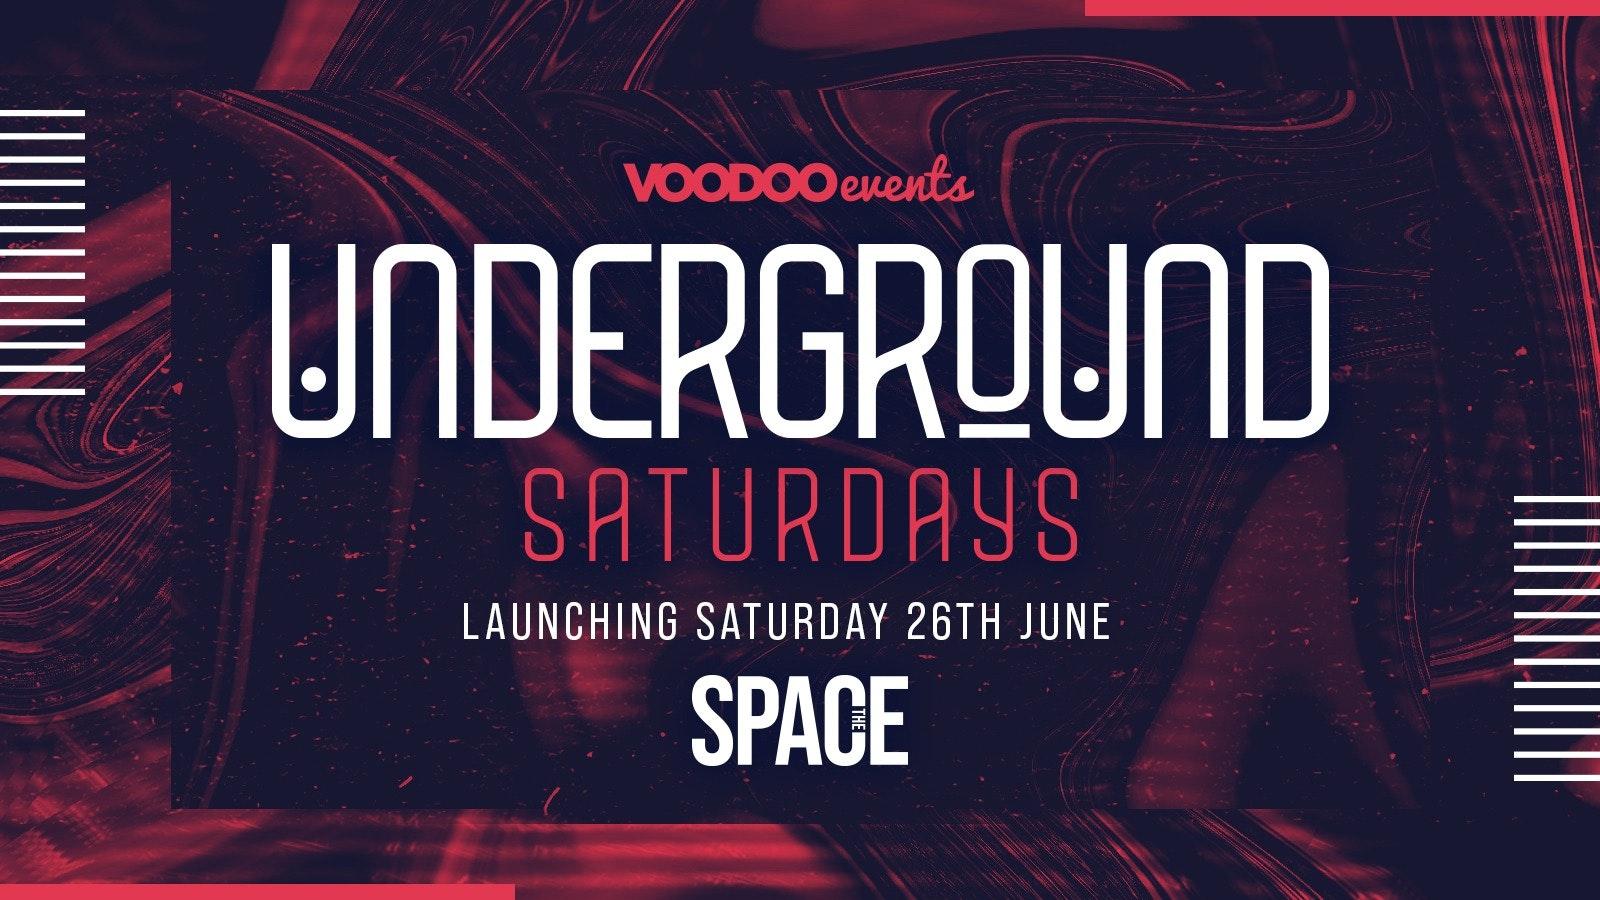 Underground Saturdays at Space – 31st July